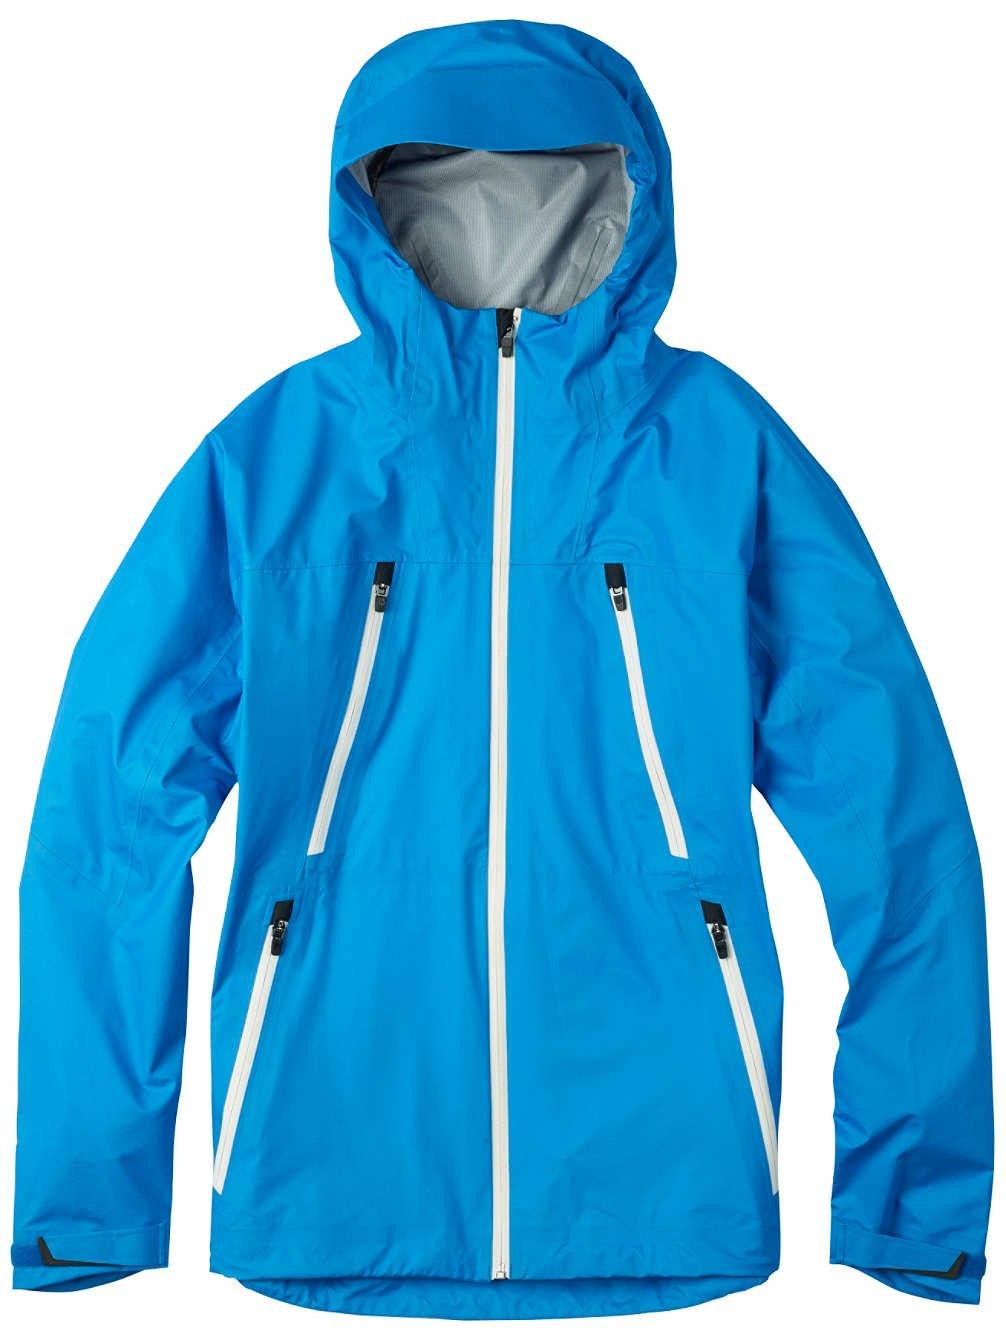 Burton Herren Jacke Shadow Jacket günstig online kaufen